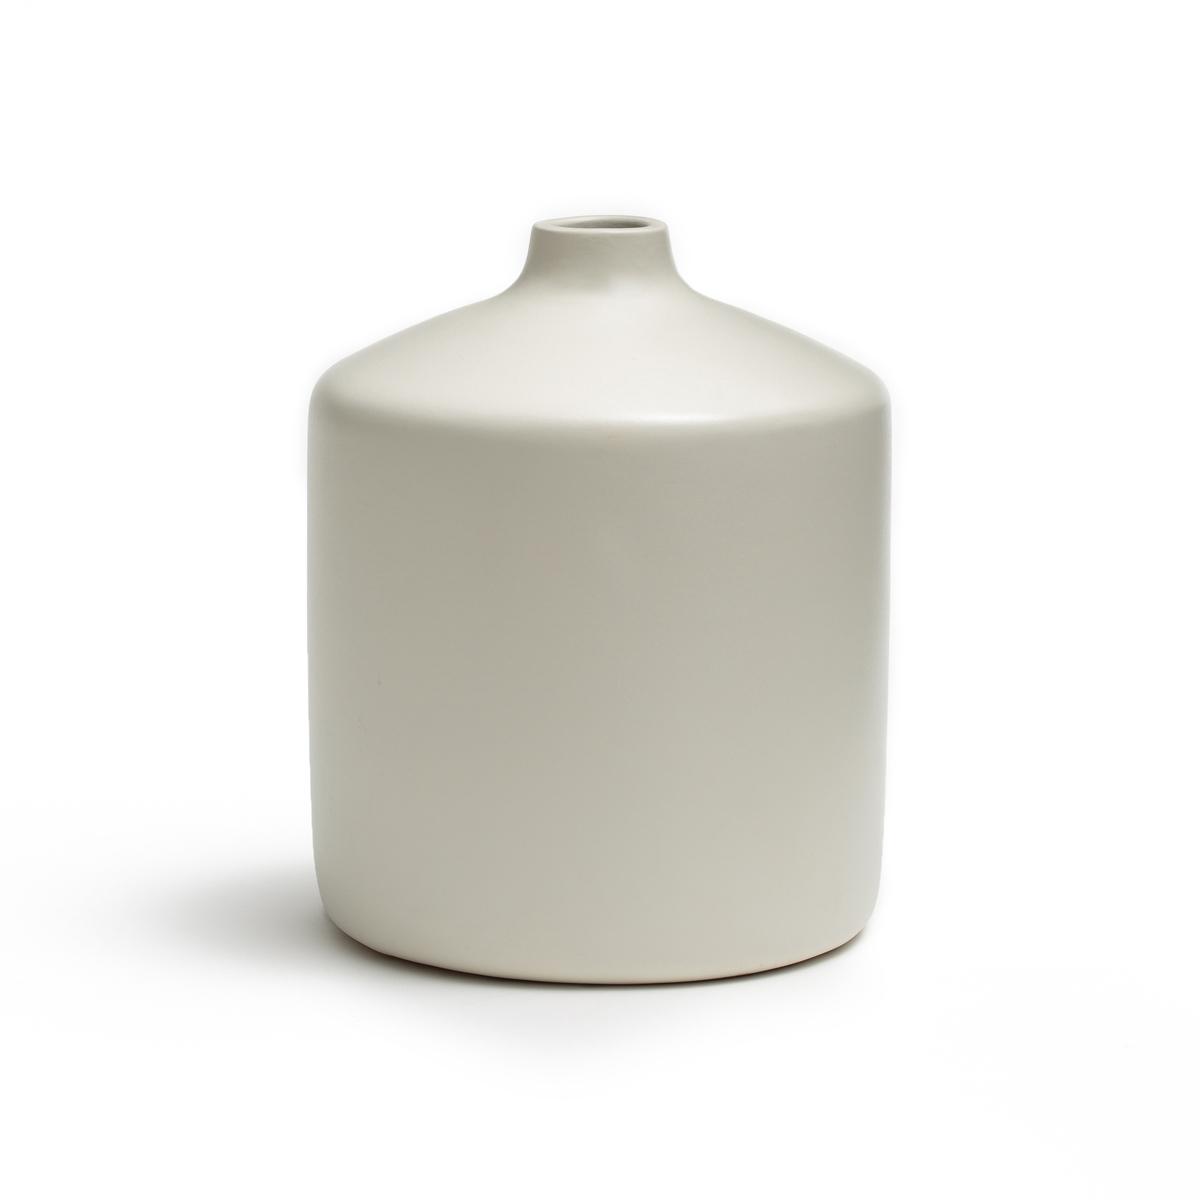 Ваза керамическая BELLOON вазы ганг ваза helen цвет золотой черный 7х25 см